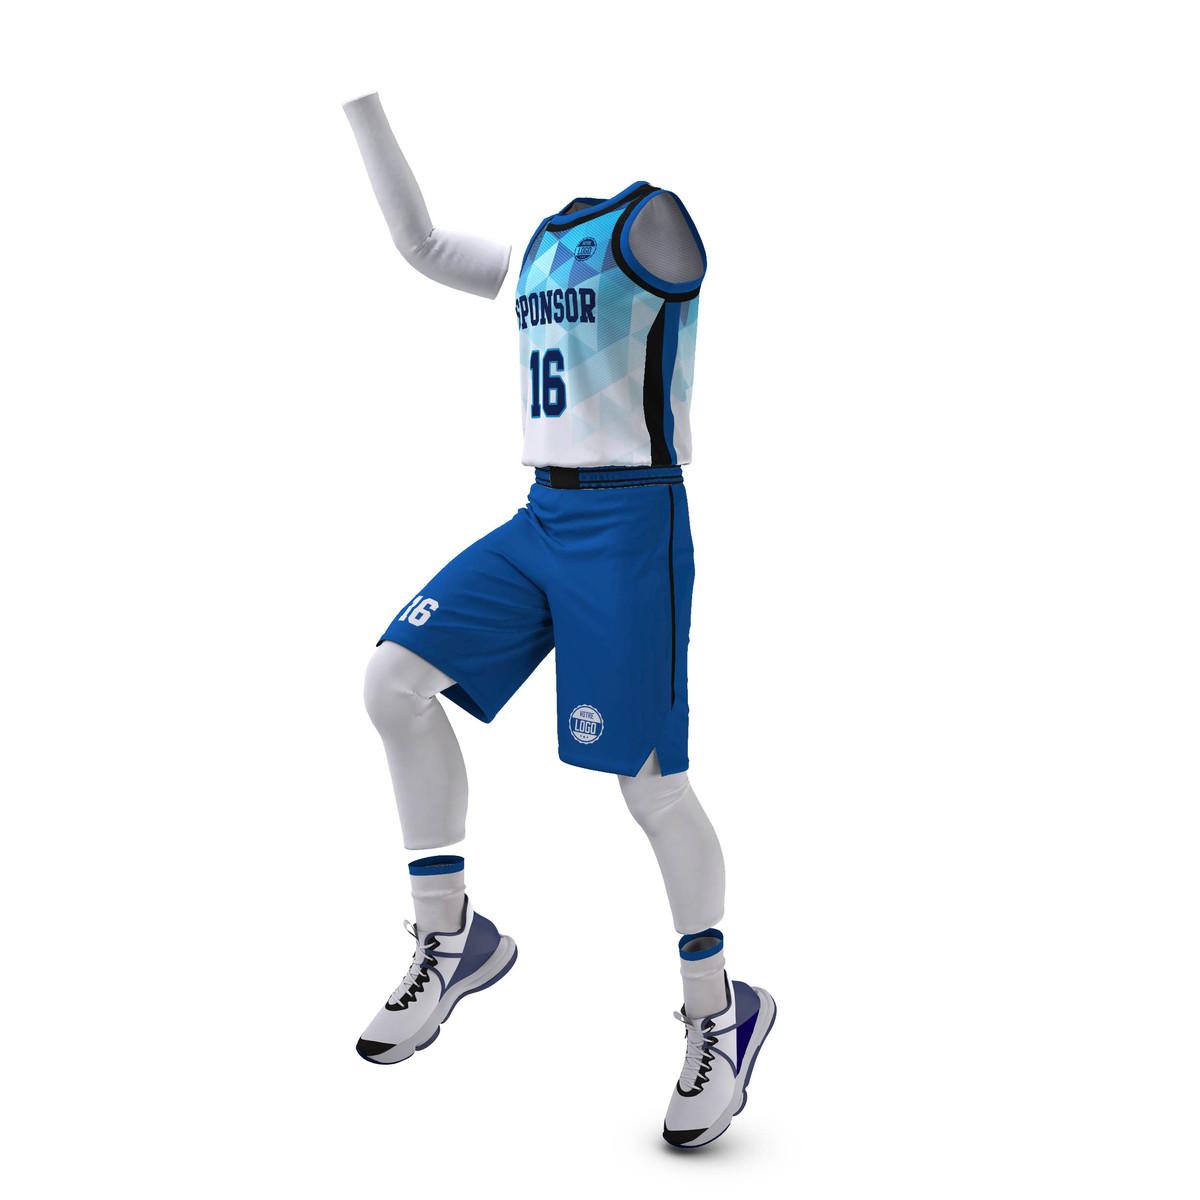 Image_basketball-15-set5-v2--0-0--3486c39e-1a66-4458-9ec7-c0ad930959a1